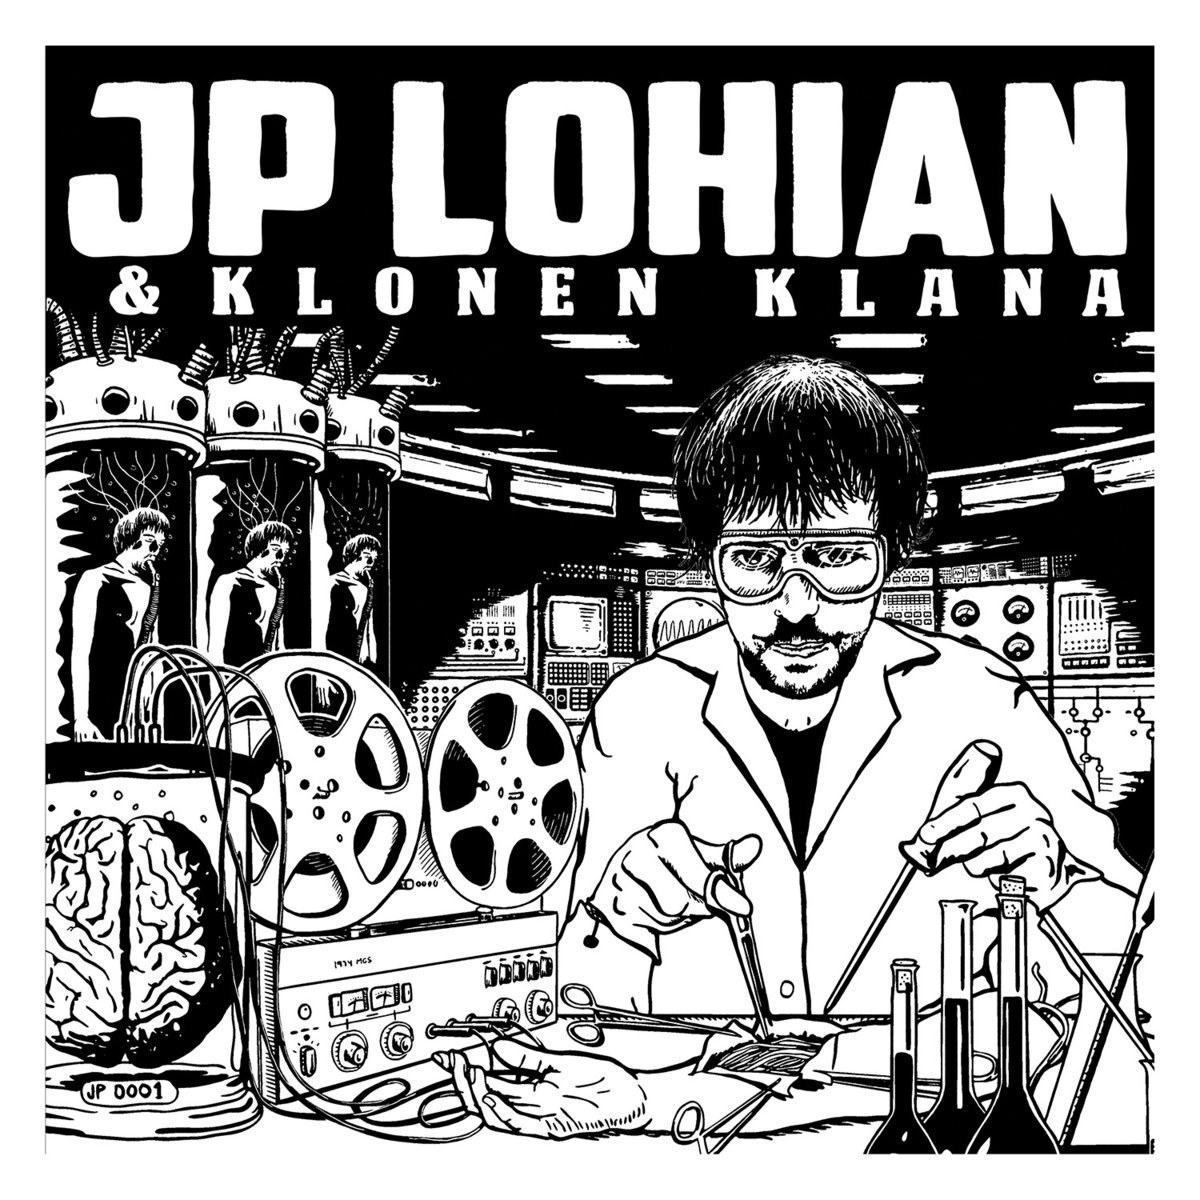 JP LOHIAN.jpg